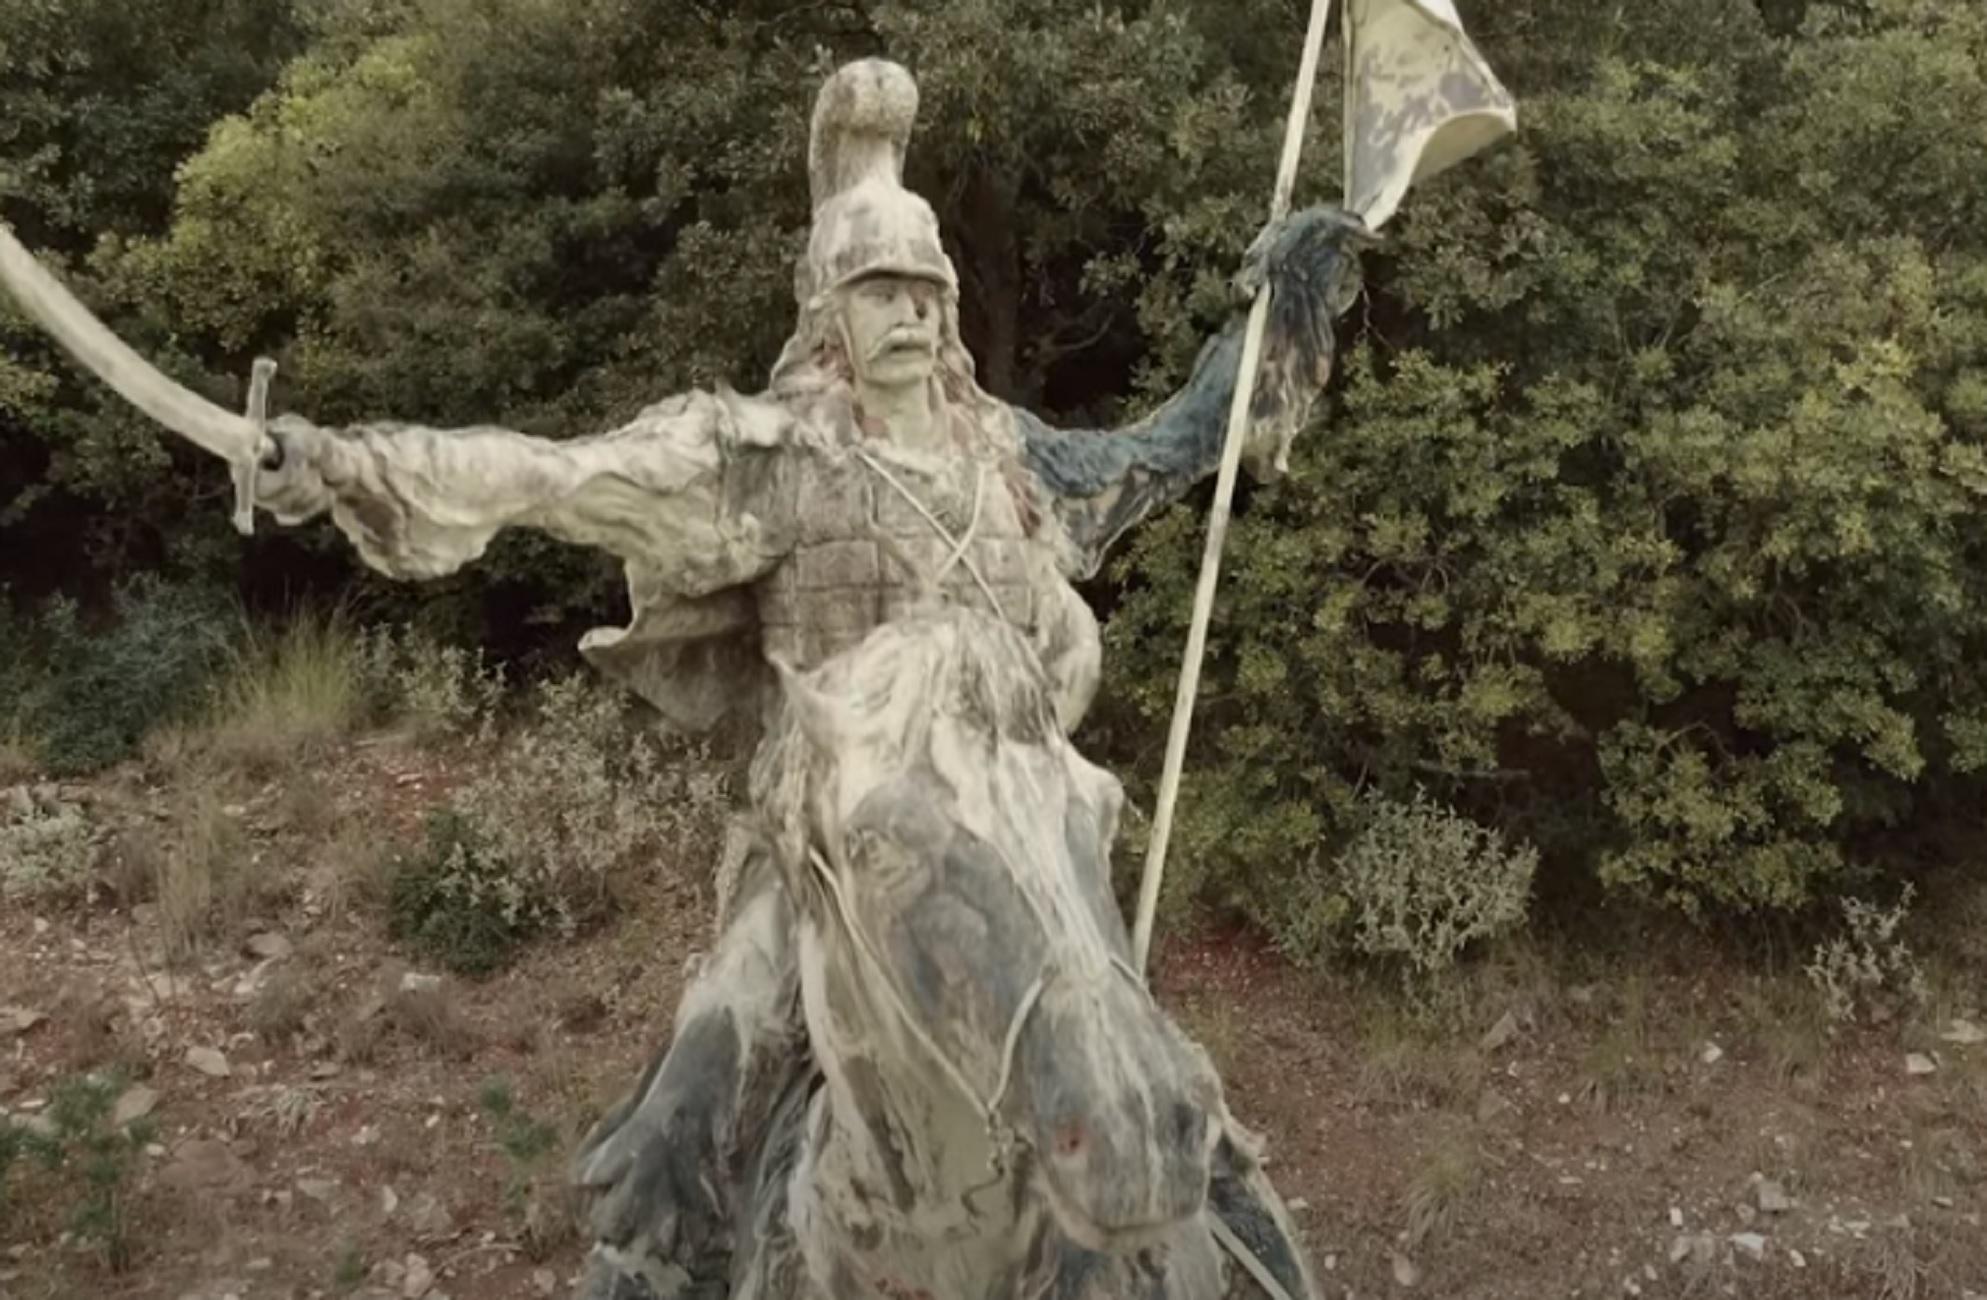 Μεσσηνία: Δείτε πως έχει γίνει το άγαλμα του Θεόδωρου Κολοκοτρώνη στον τόπο που γεννήθηκε (video)